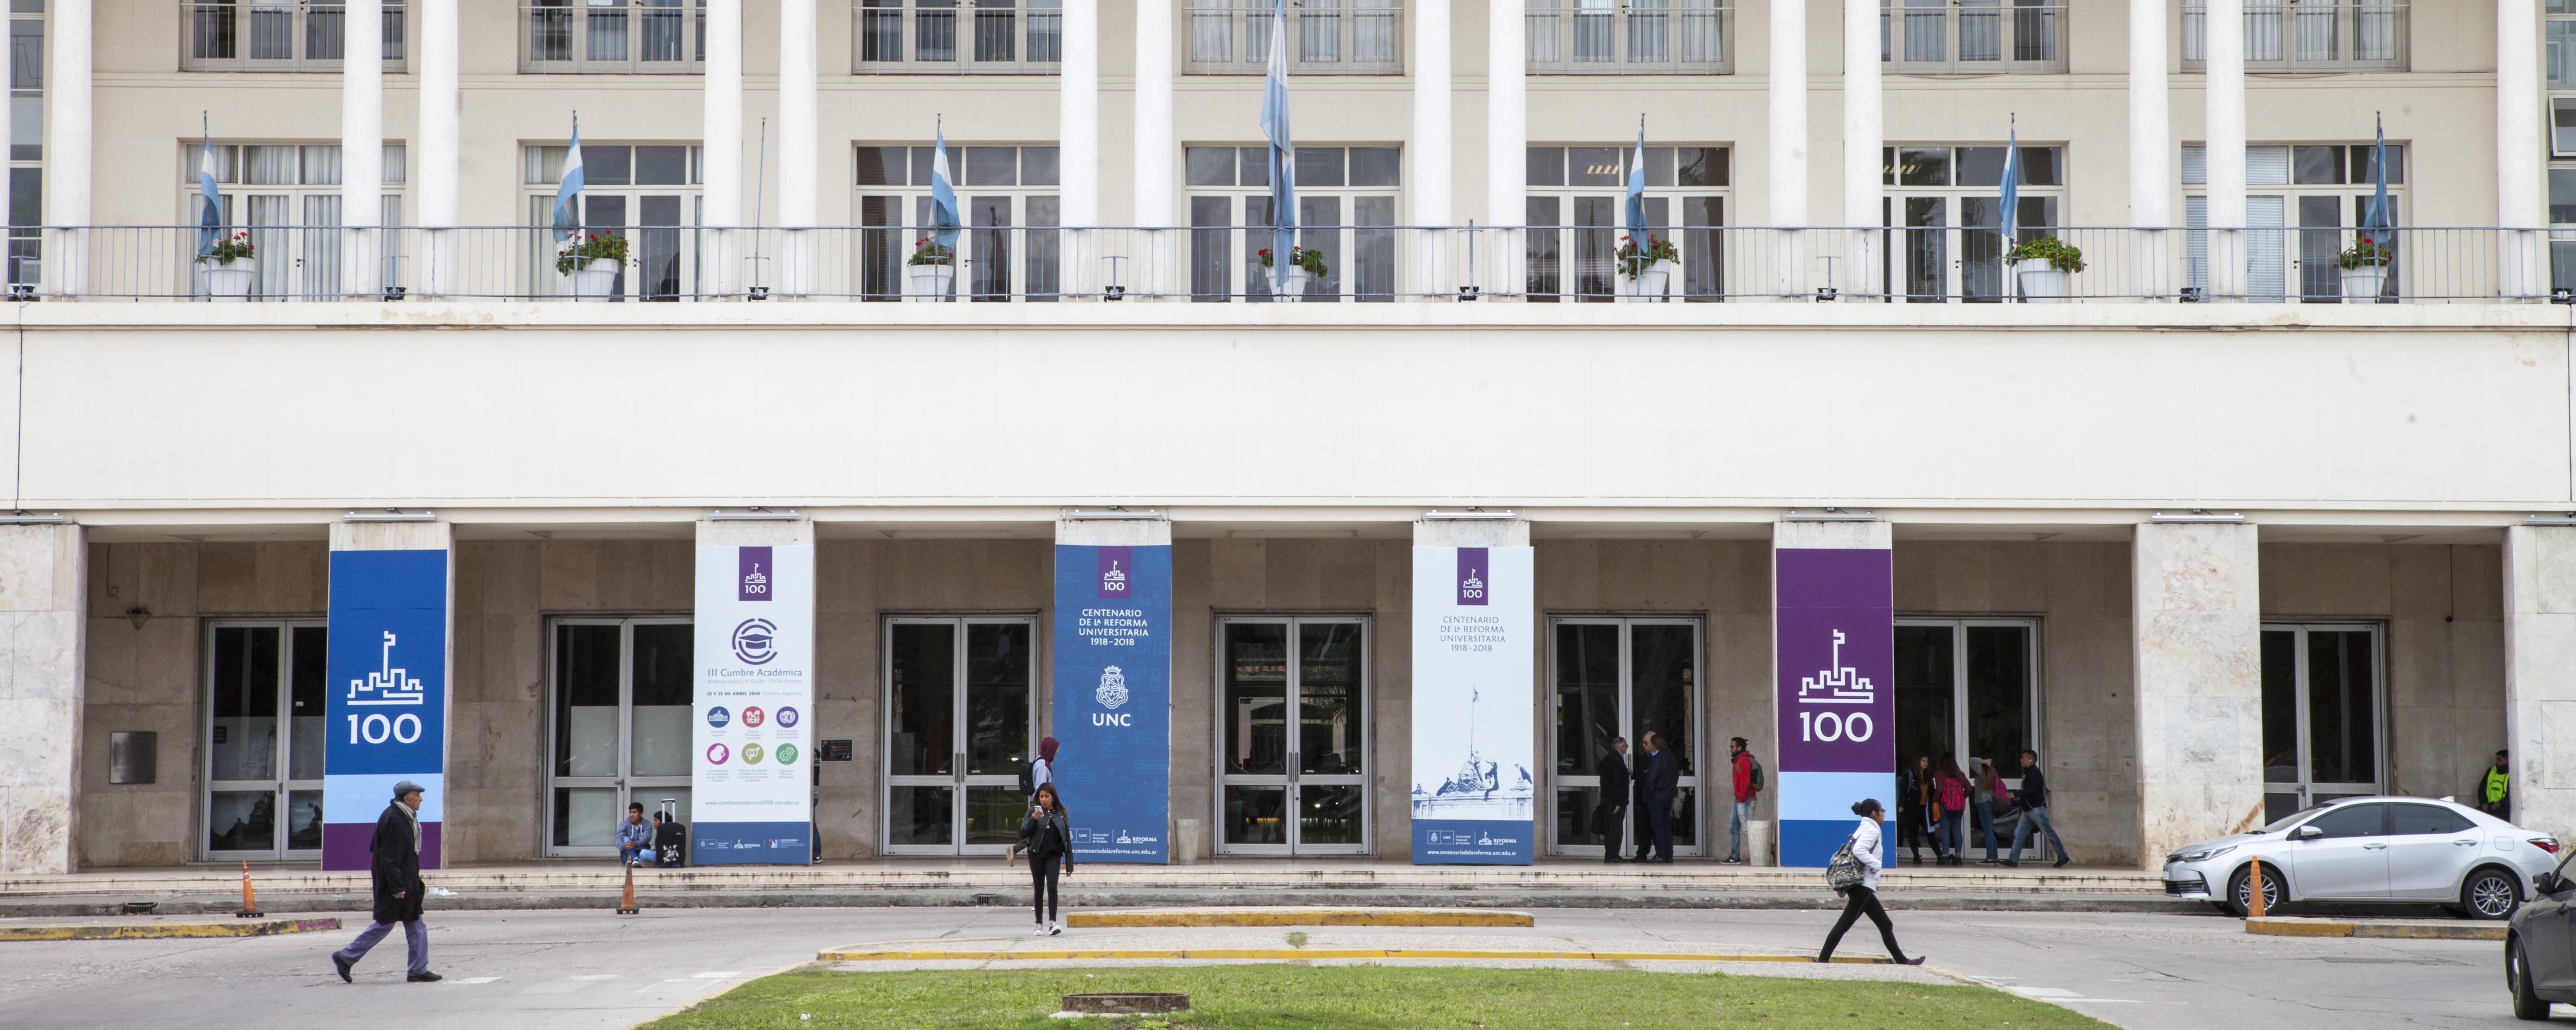 Pabellón argentina y estudiantes que transitan por ciudad Universitaria